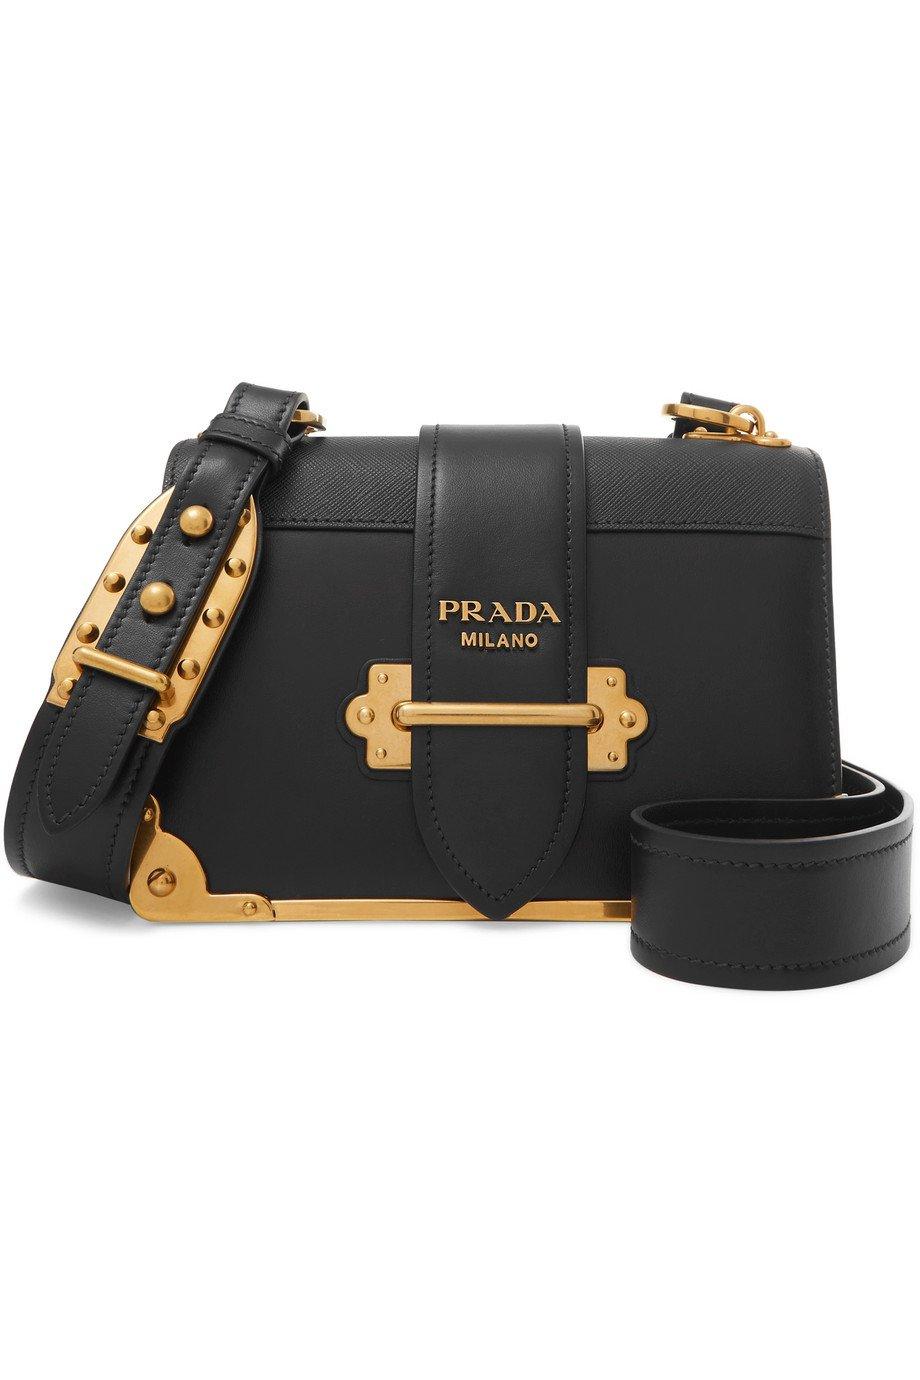 Prada | Cahier leather shoulder bag | NET-A-PORTER.COM